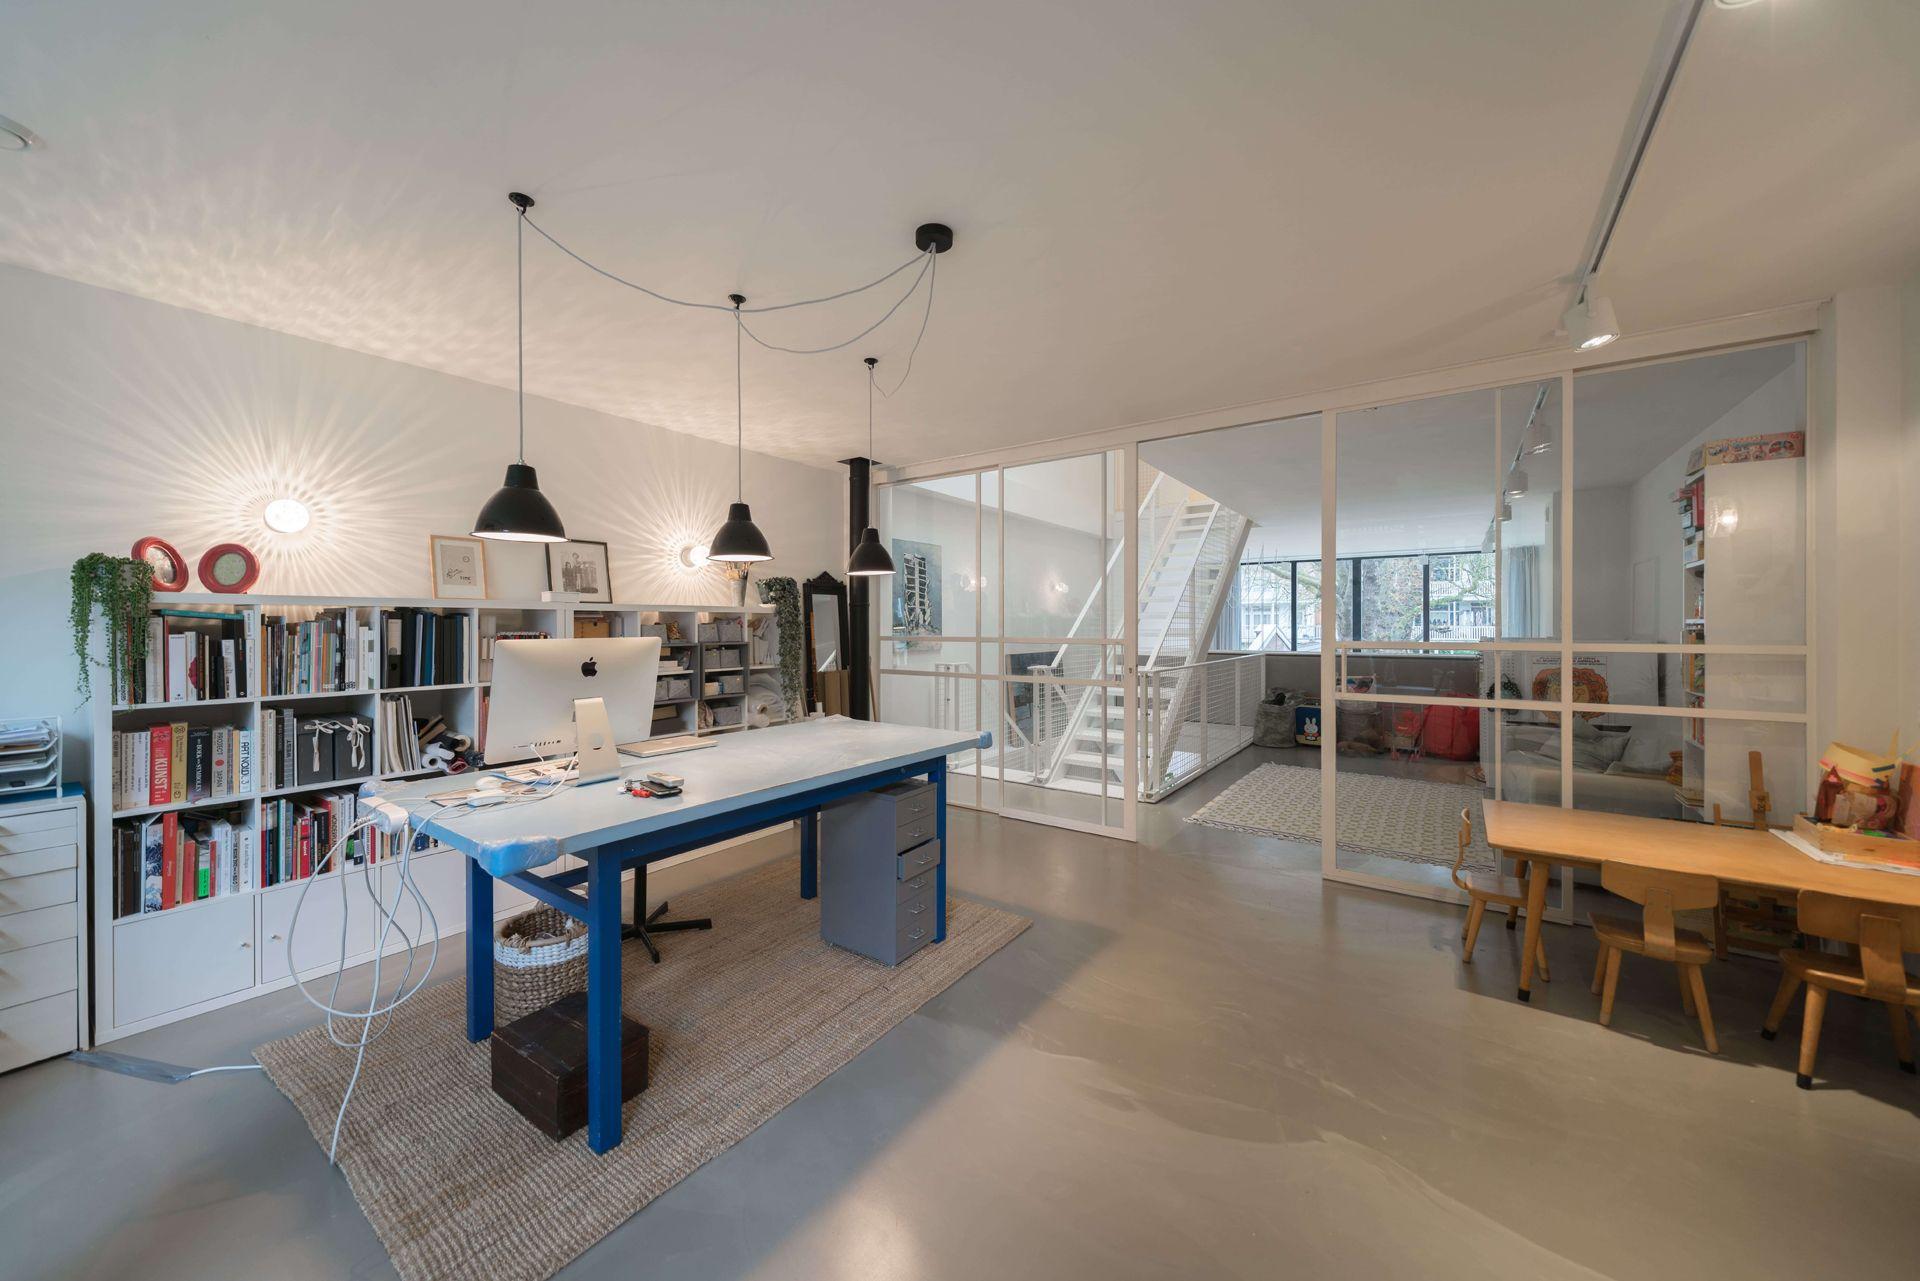 Nieuwbouw woning in amsterdam ruim licht in staal beton en glas